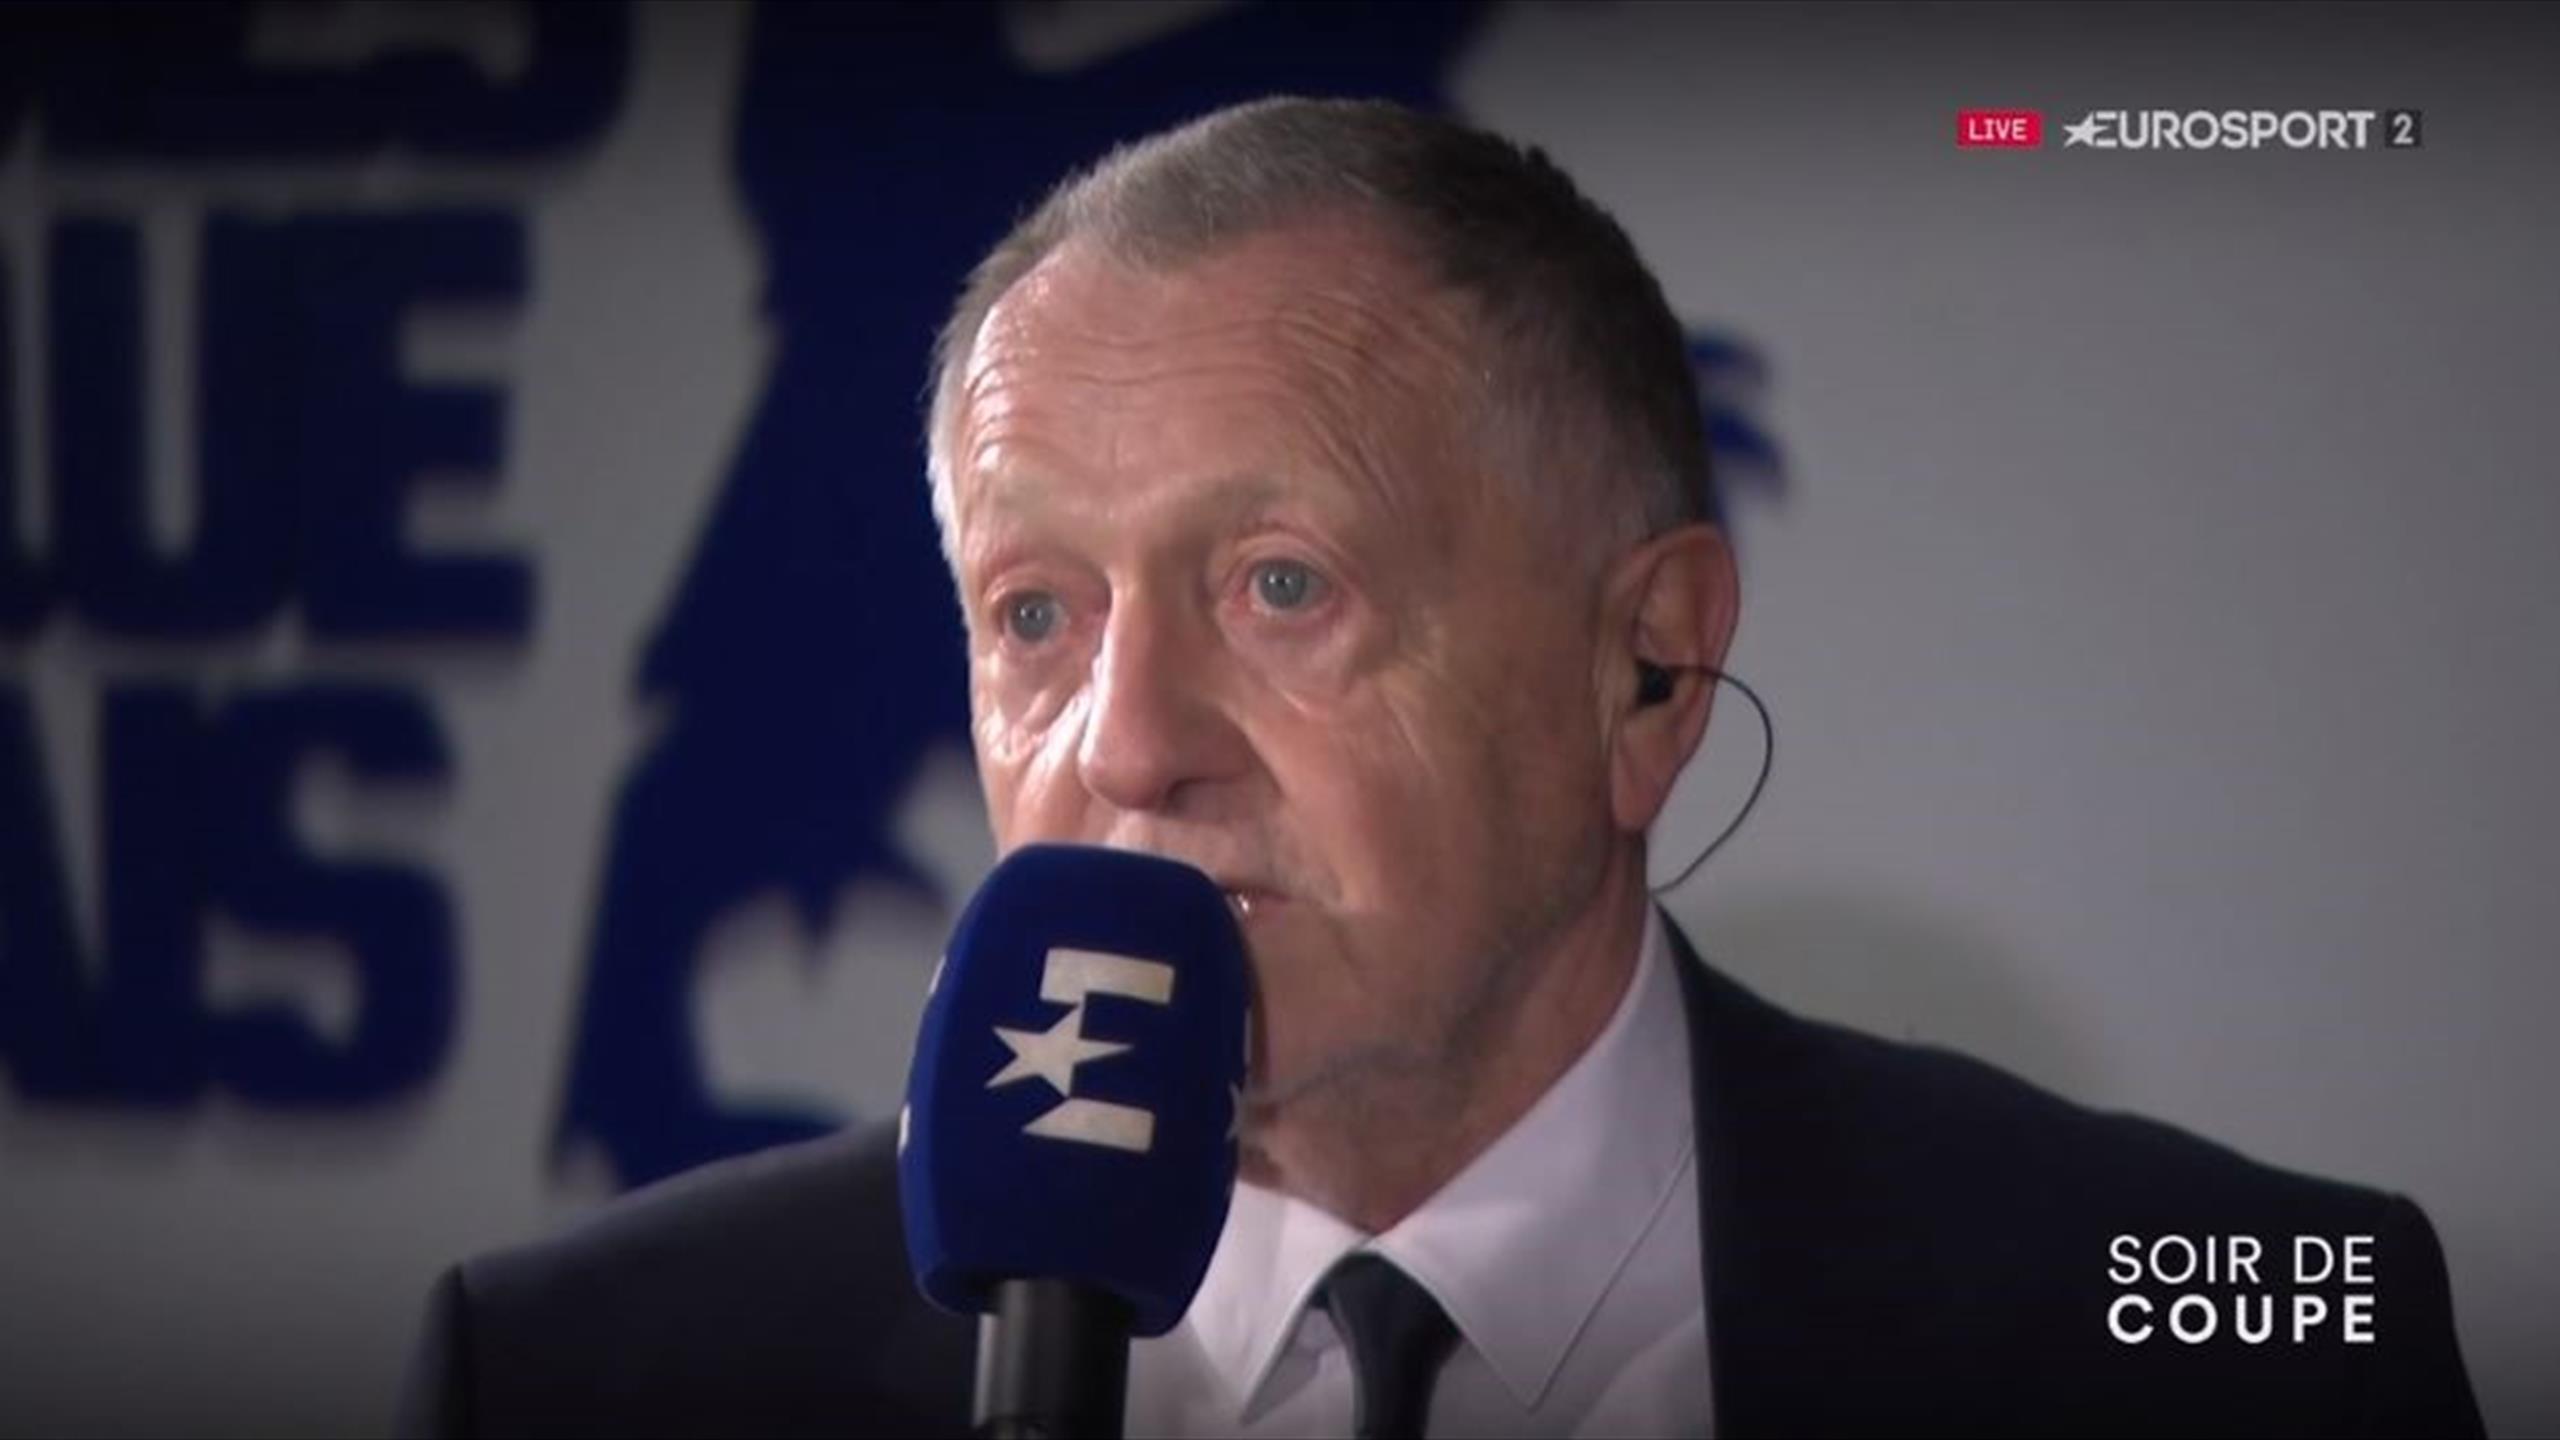 Coupe de France - Aulas :